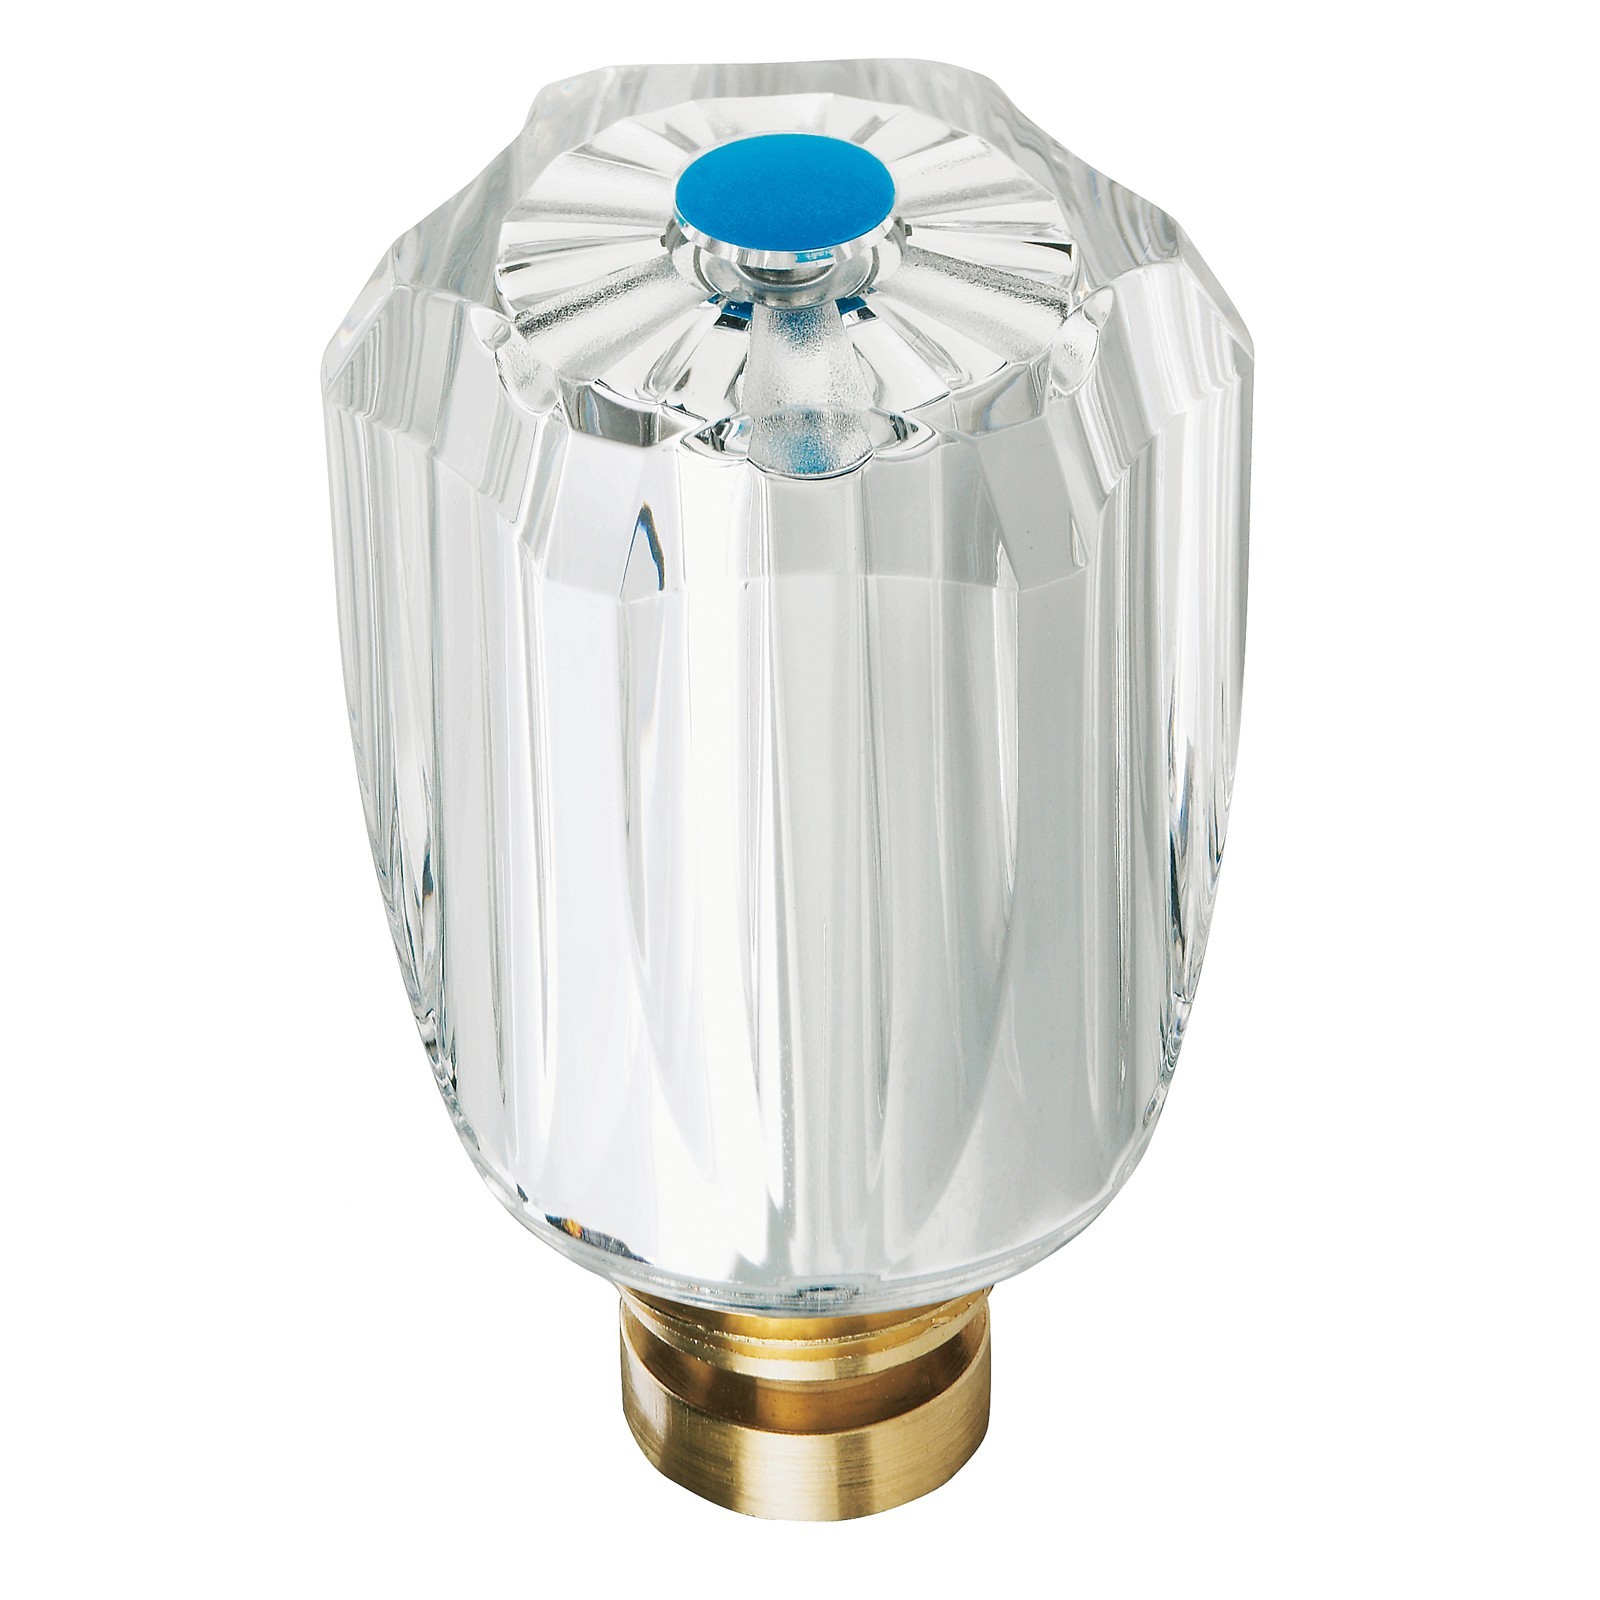 hahnoberteil 3 8 zoll blau ventiloberteil armatur wasserhahn oberteil kaltwasser ebay. Black Bedroom Furniture Sets. Home Design Ideas